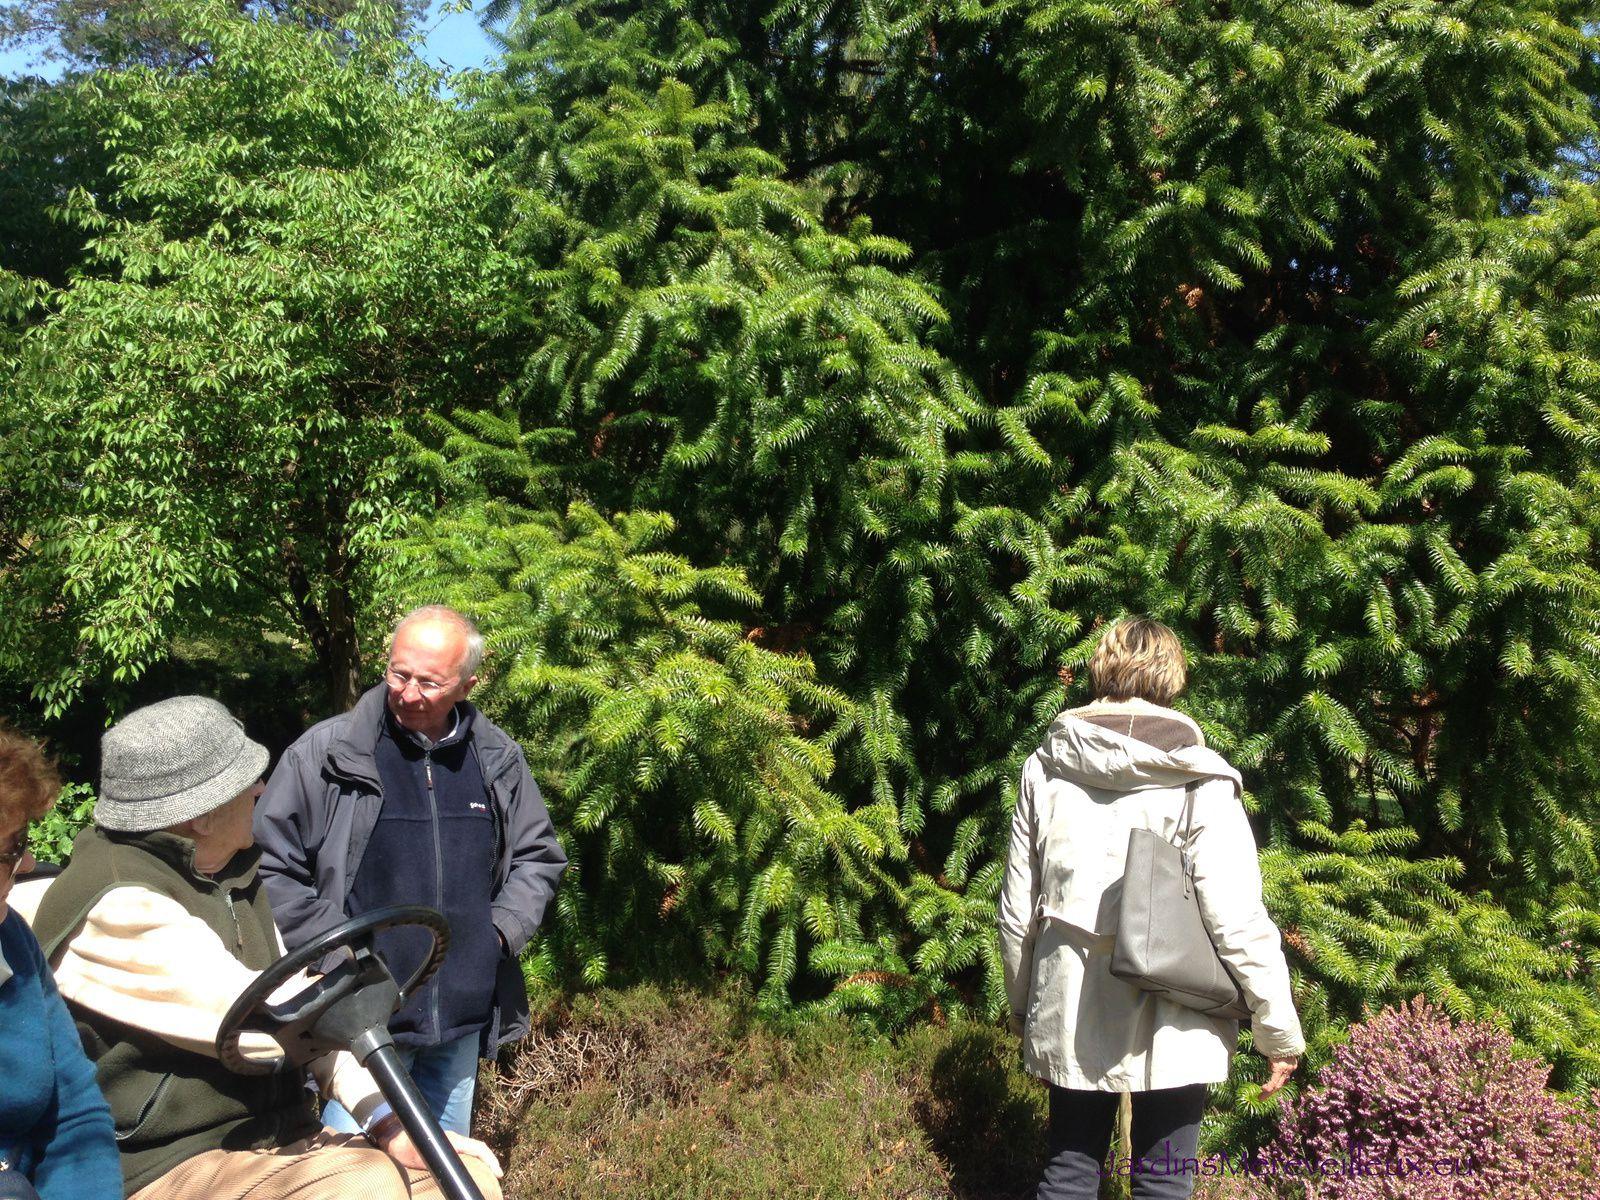 Comte de la Rochefoucauld à gauche sur la voiturette - Cunninghamia sinensis